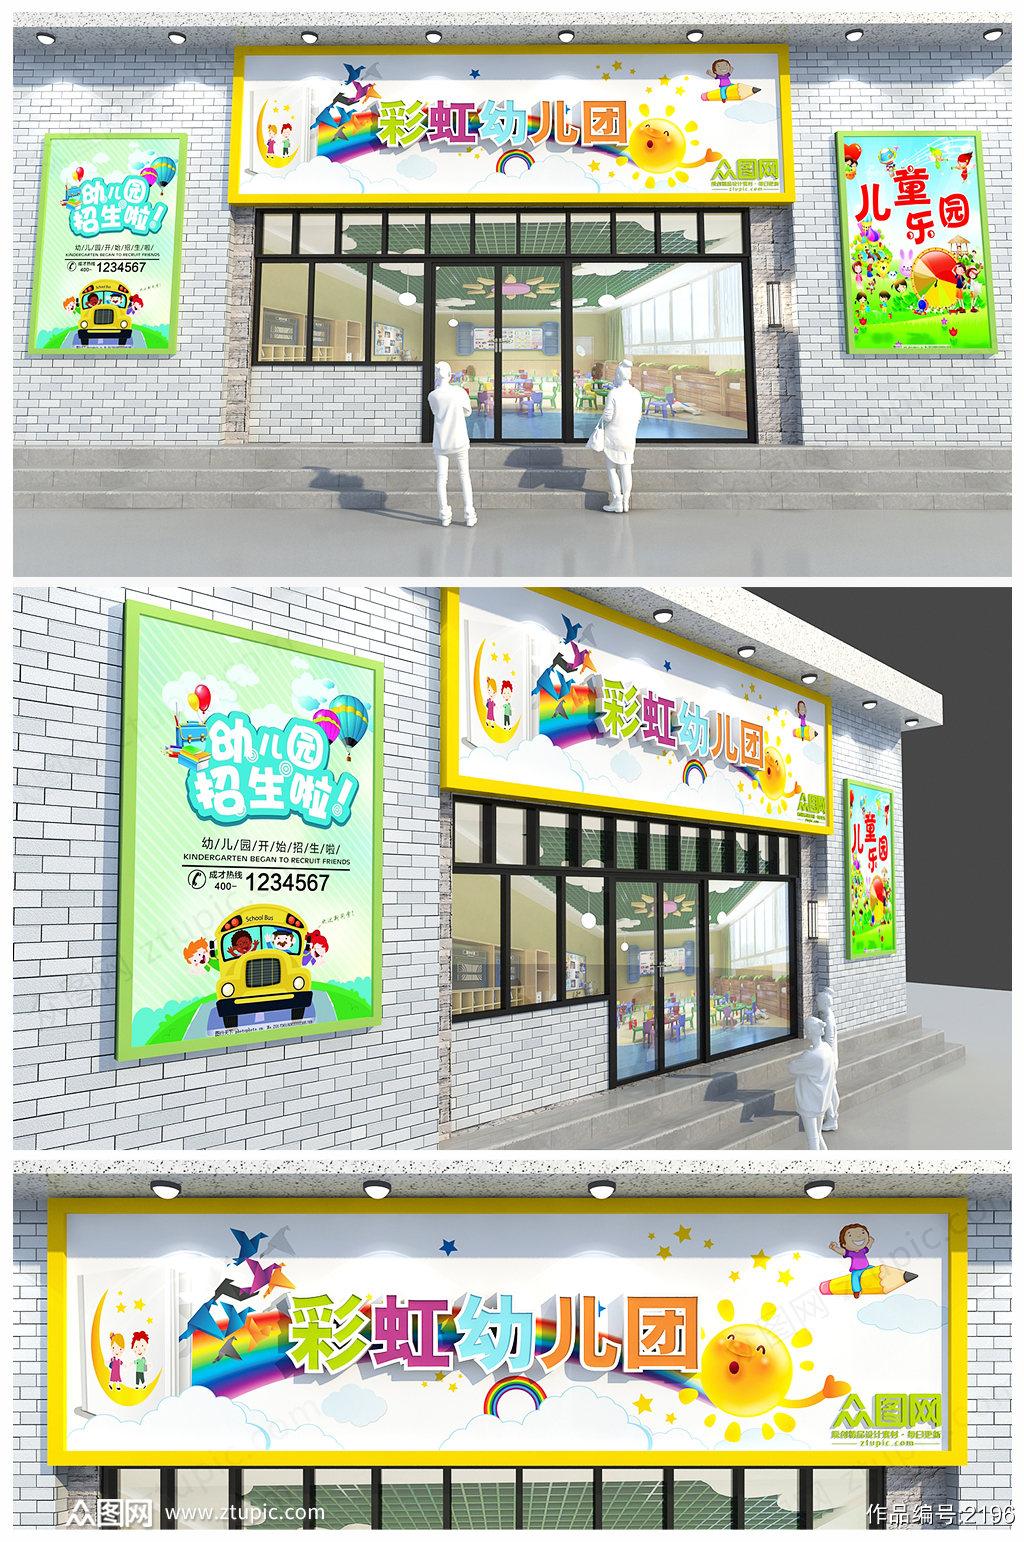 卡通设计幼儿园门头设计素材